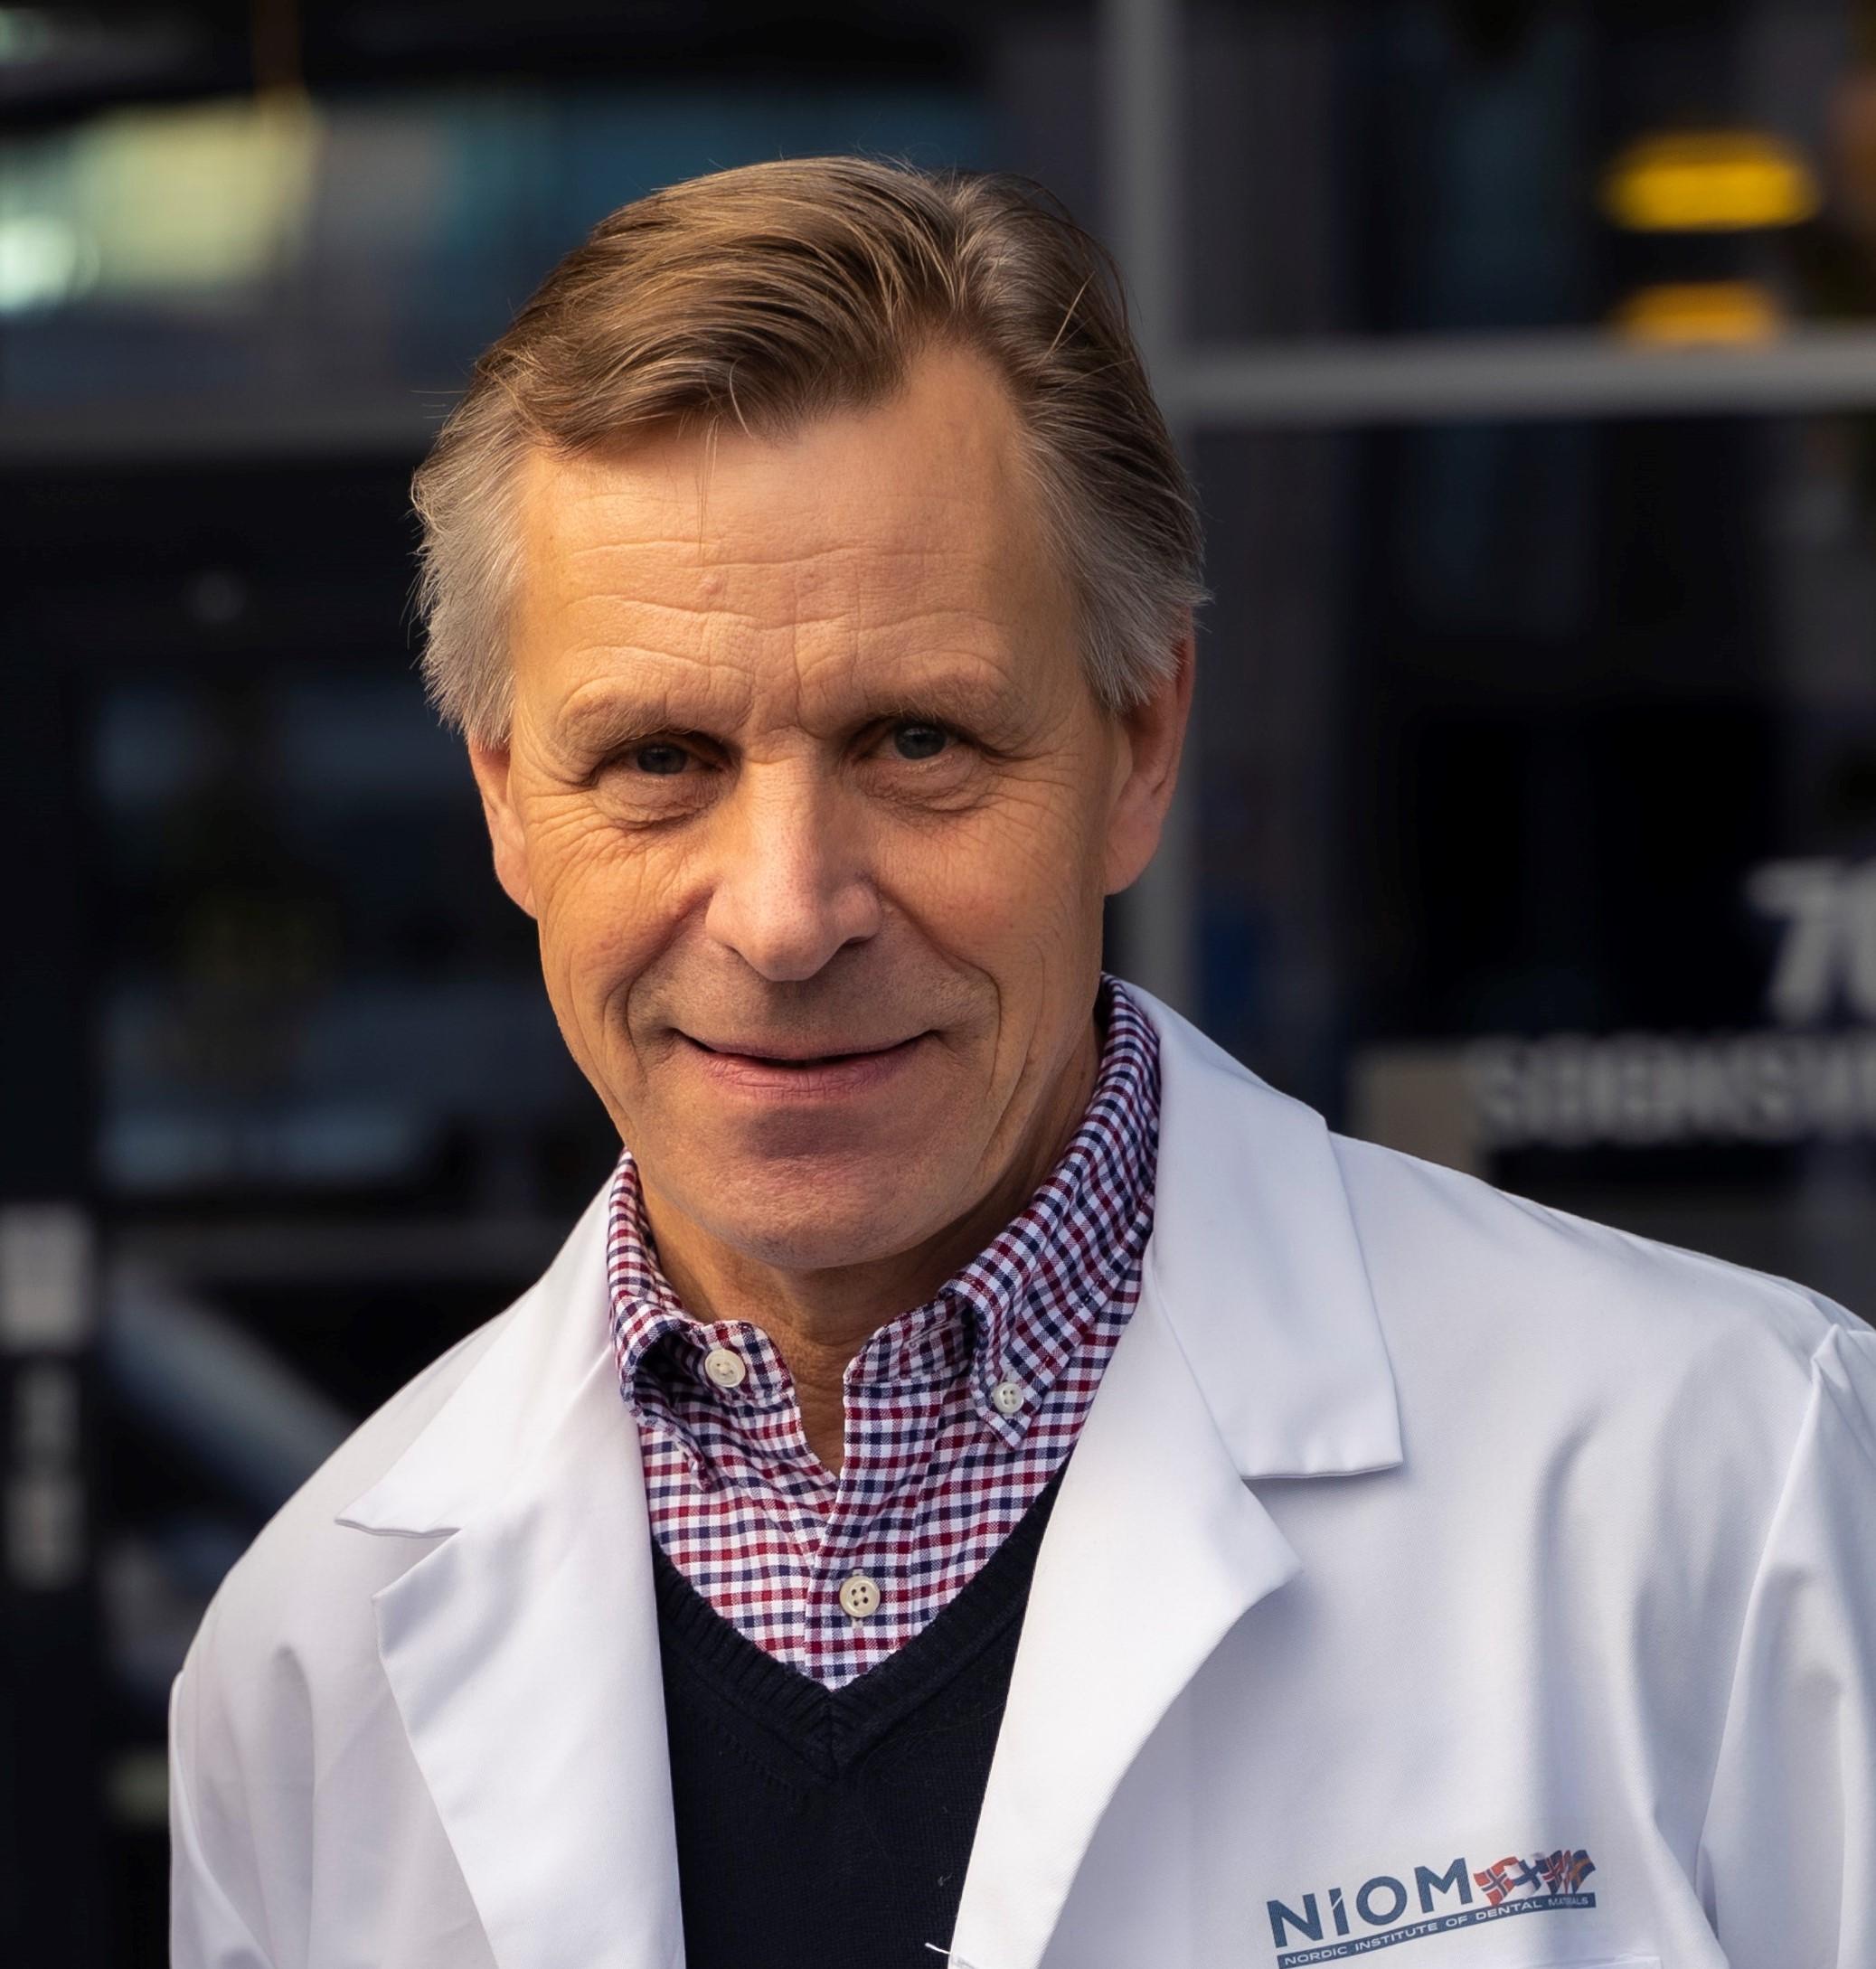 Dr. Frode Staxrud